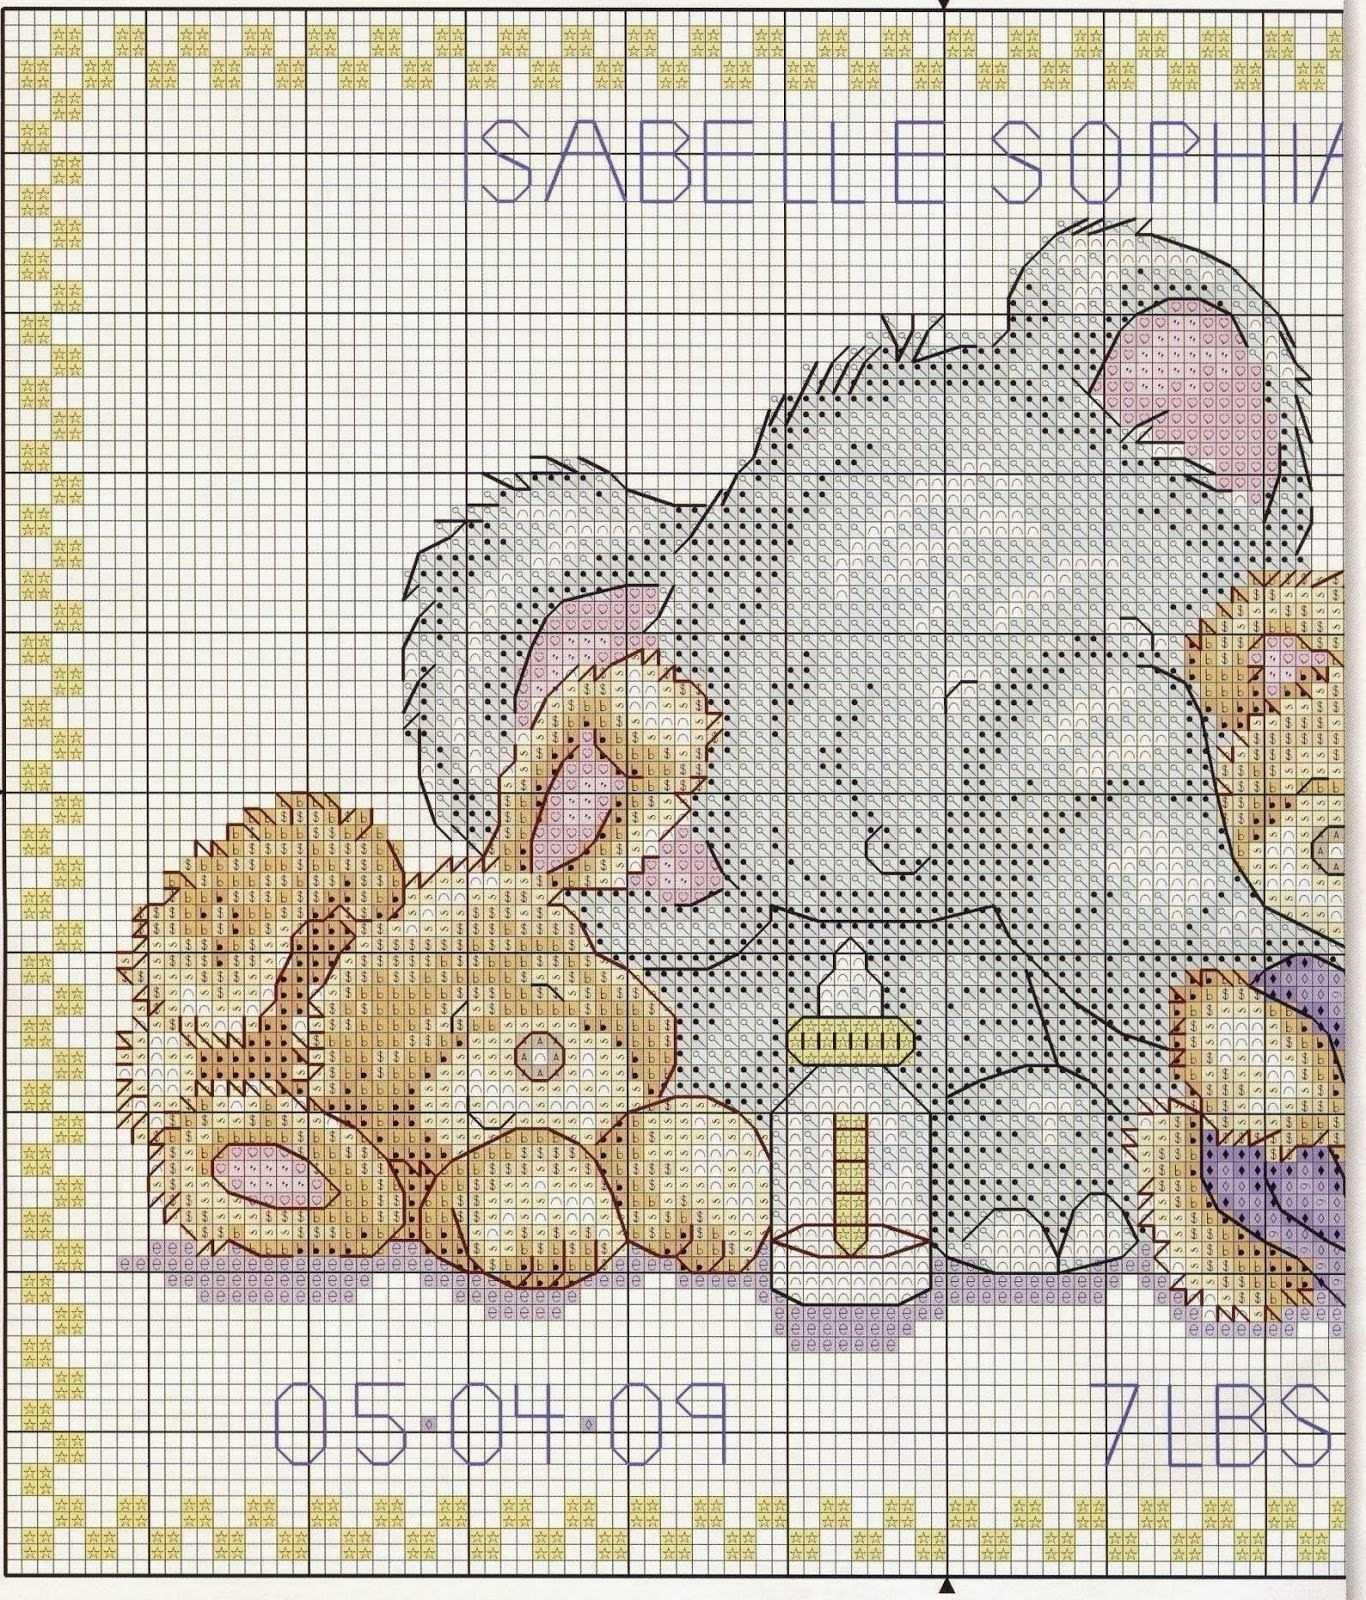 цветные схемы для вышивания крестиком детские метрики